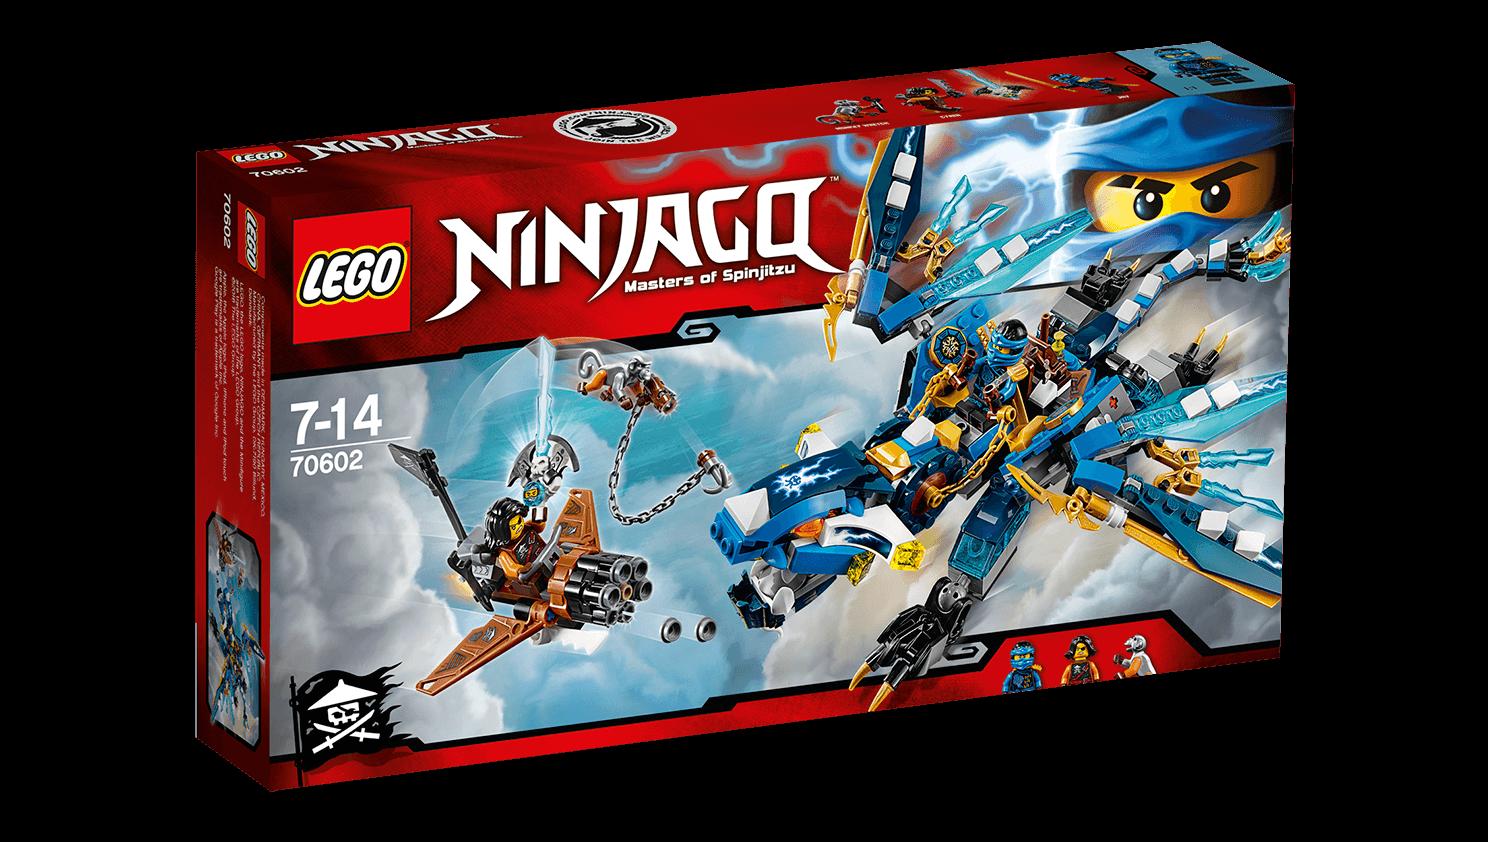 Lego® Ninjago Lego® Lego® Ninjago Lego® Ninjago Ninjago EYHWD29I